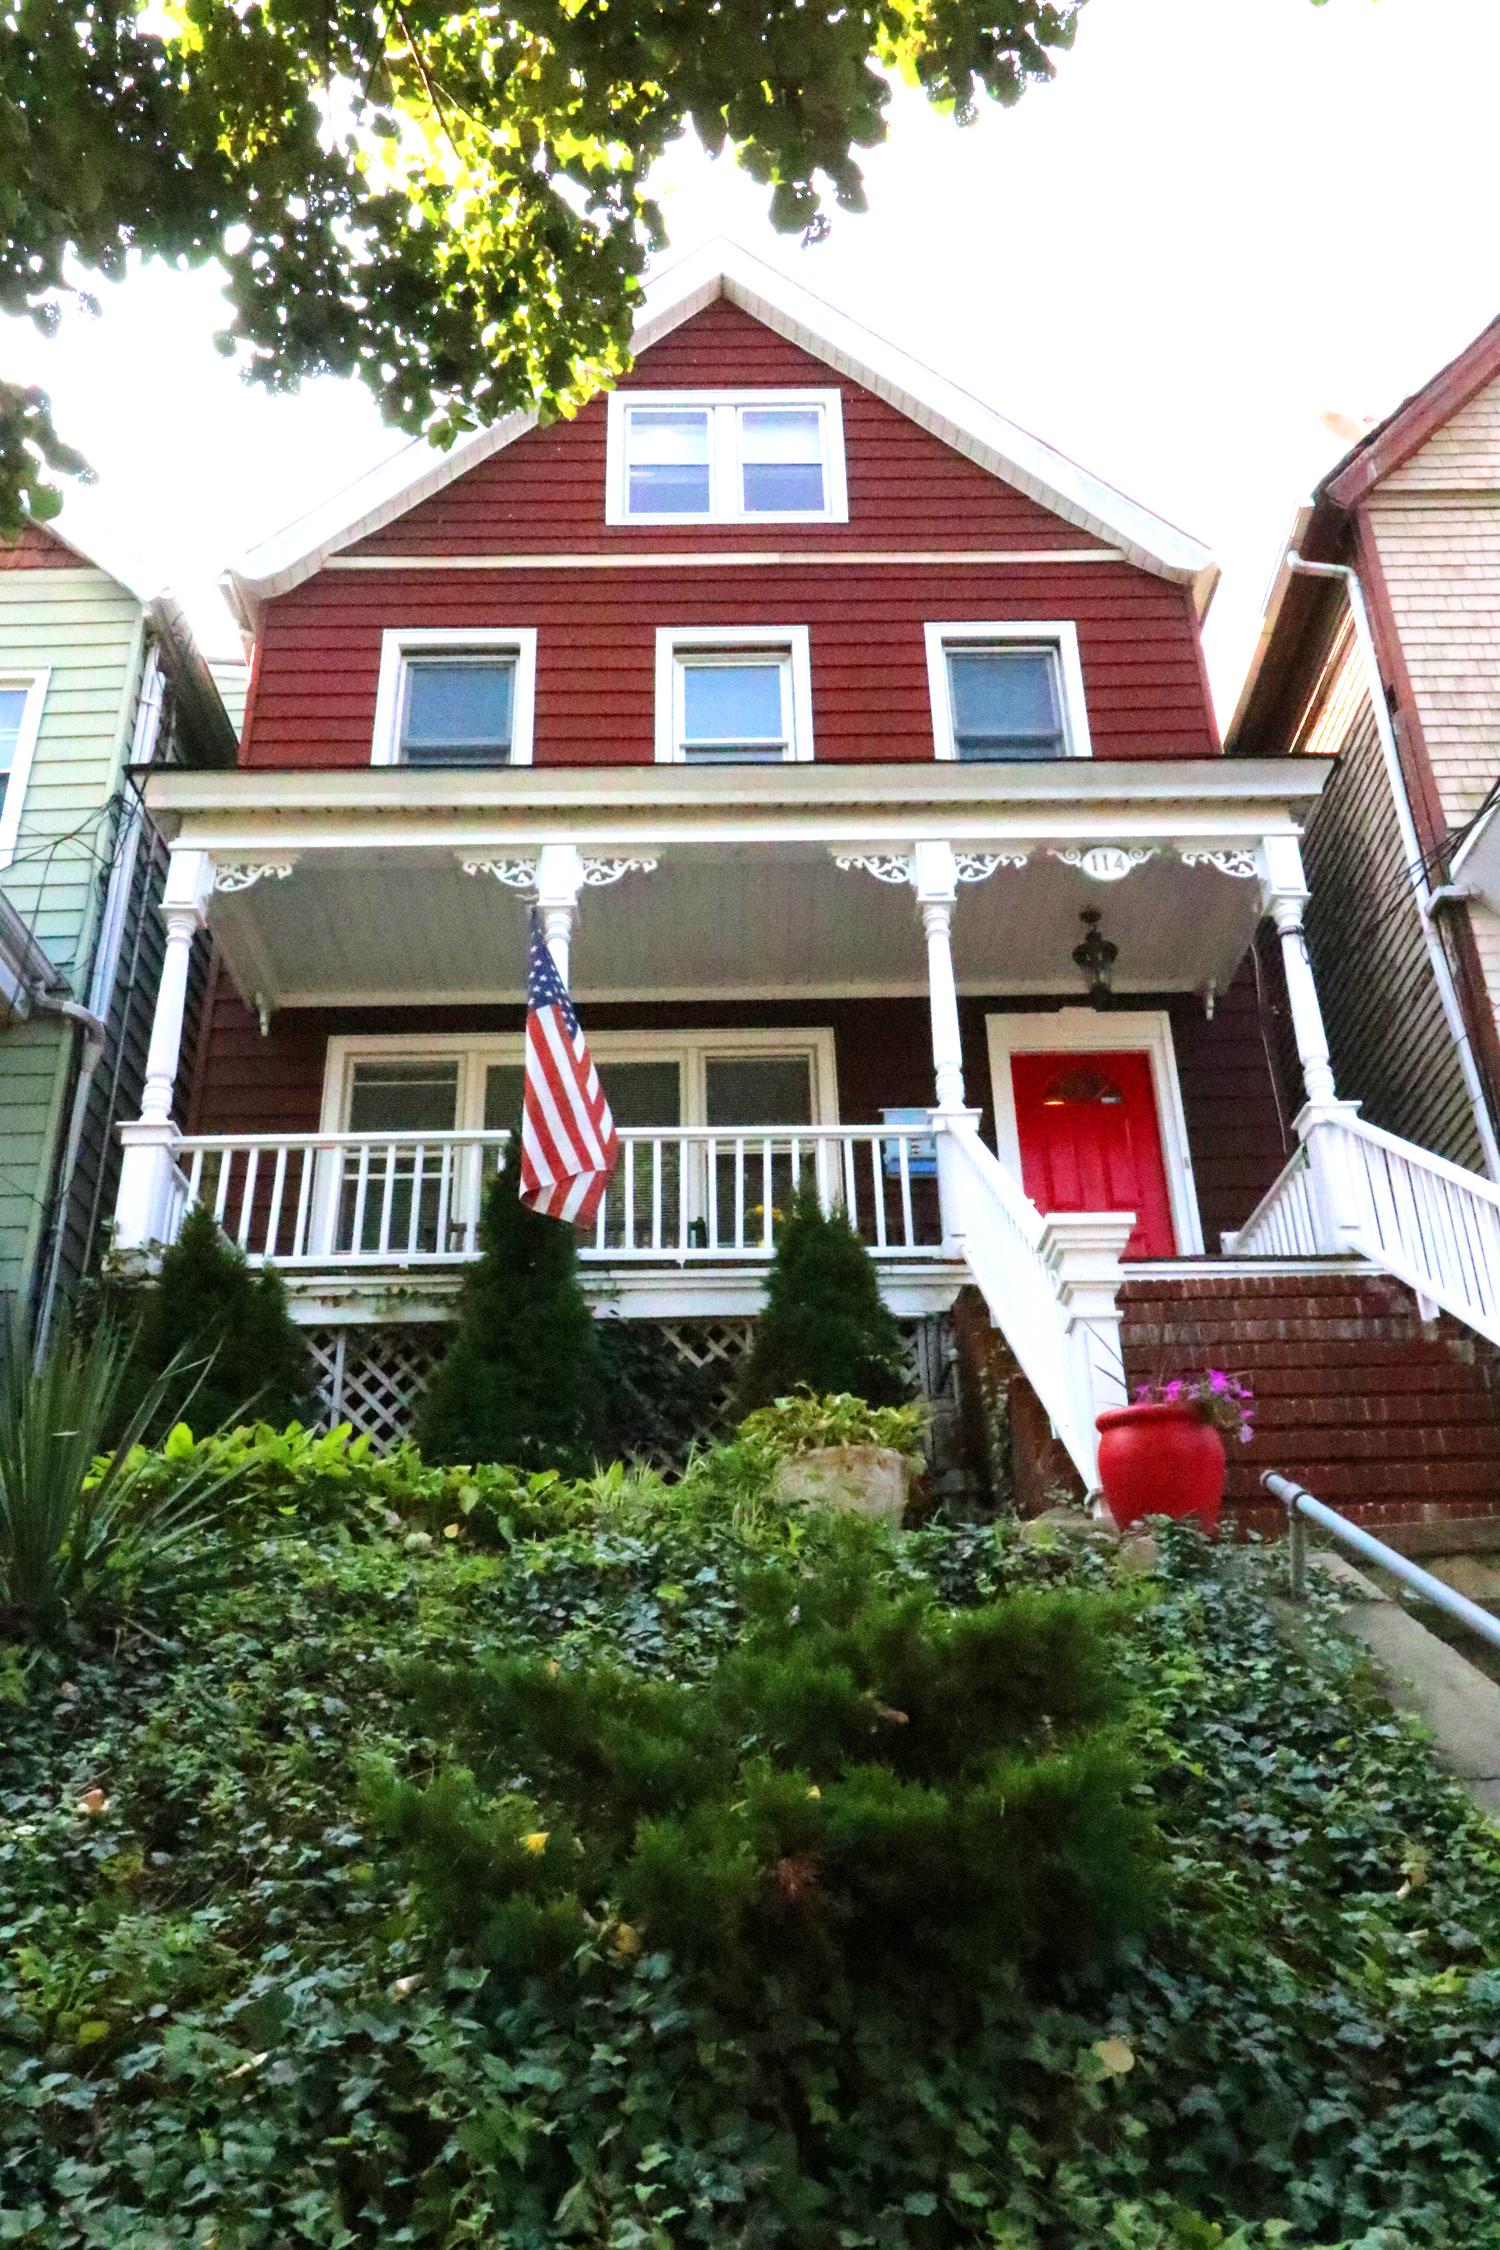 114 Targee St. - StapletonResidential Sale ListingRepresented Seller